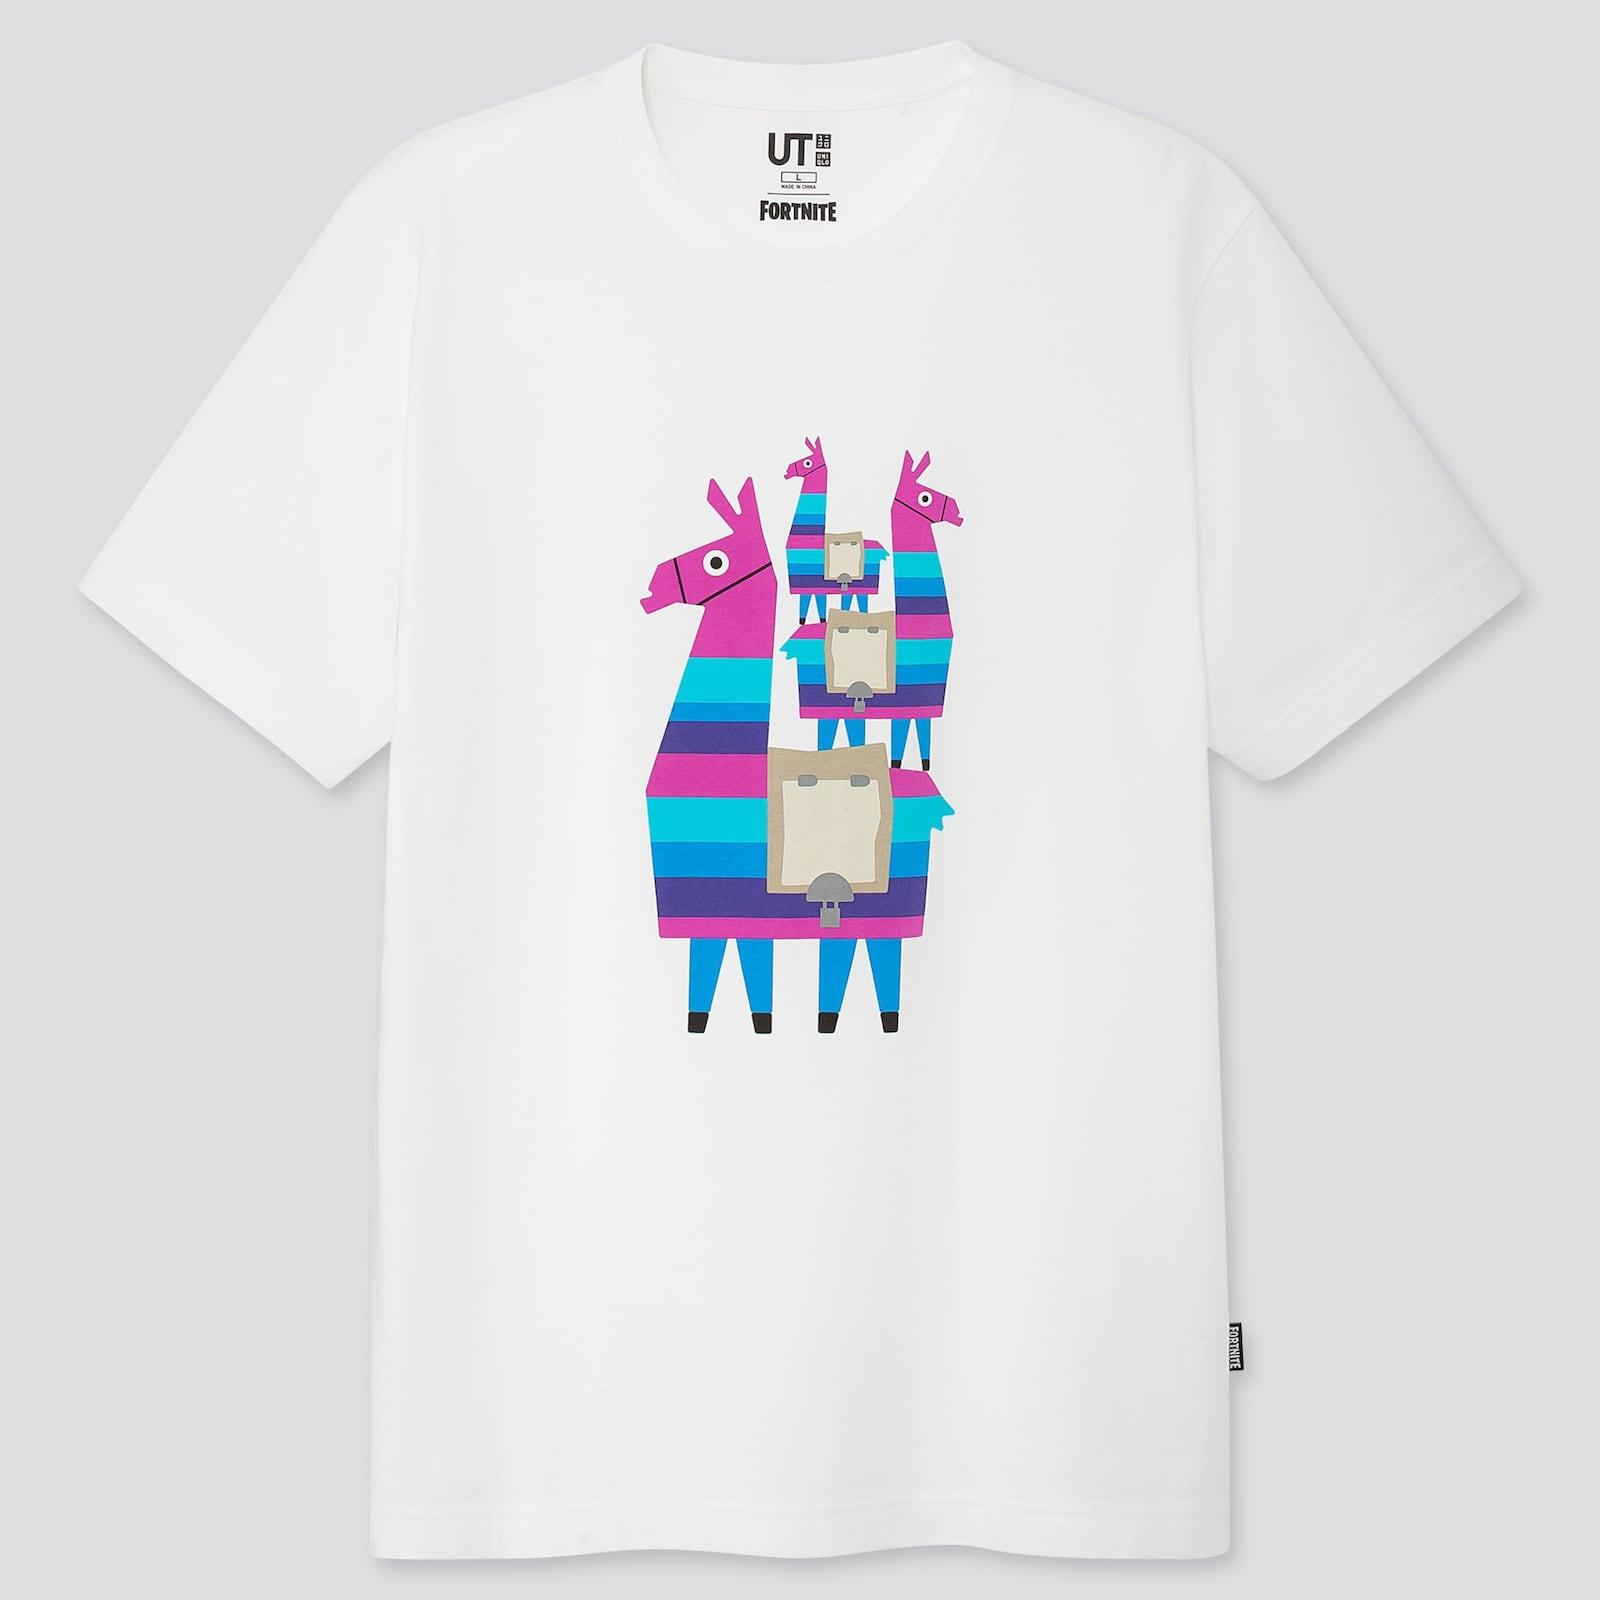 Show Uniqlo Fortnite t-shirt